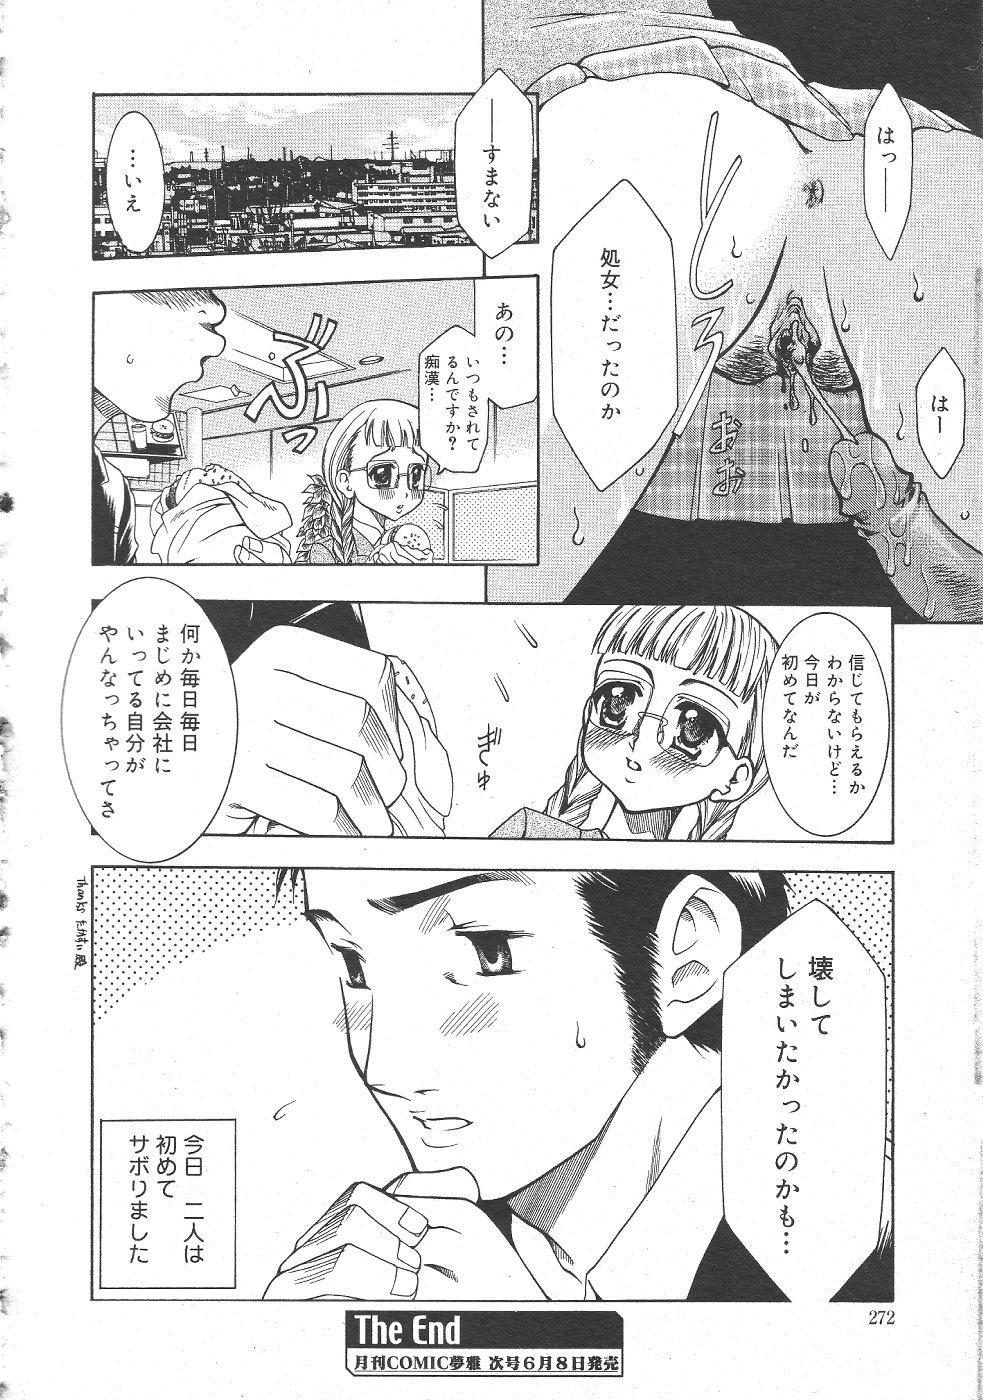 Gekkan Comic Muga 2004-06 Vol.10 275